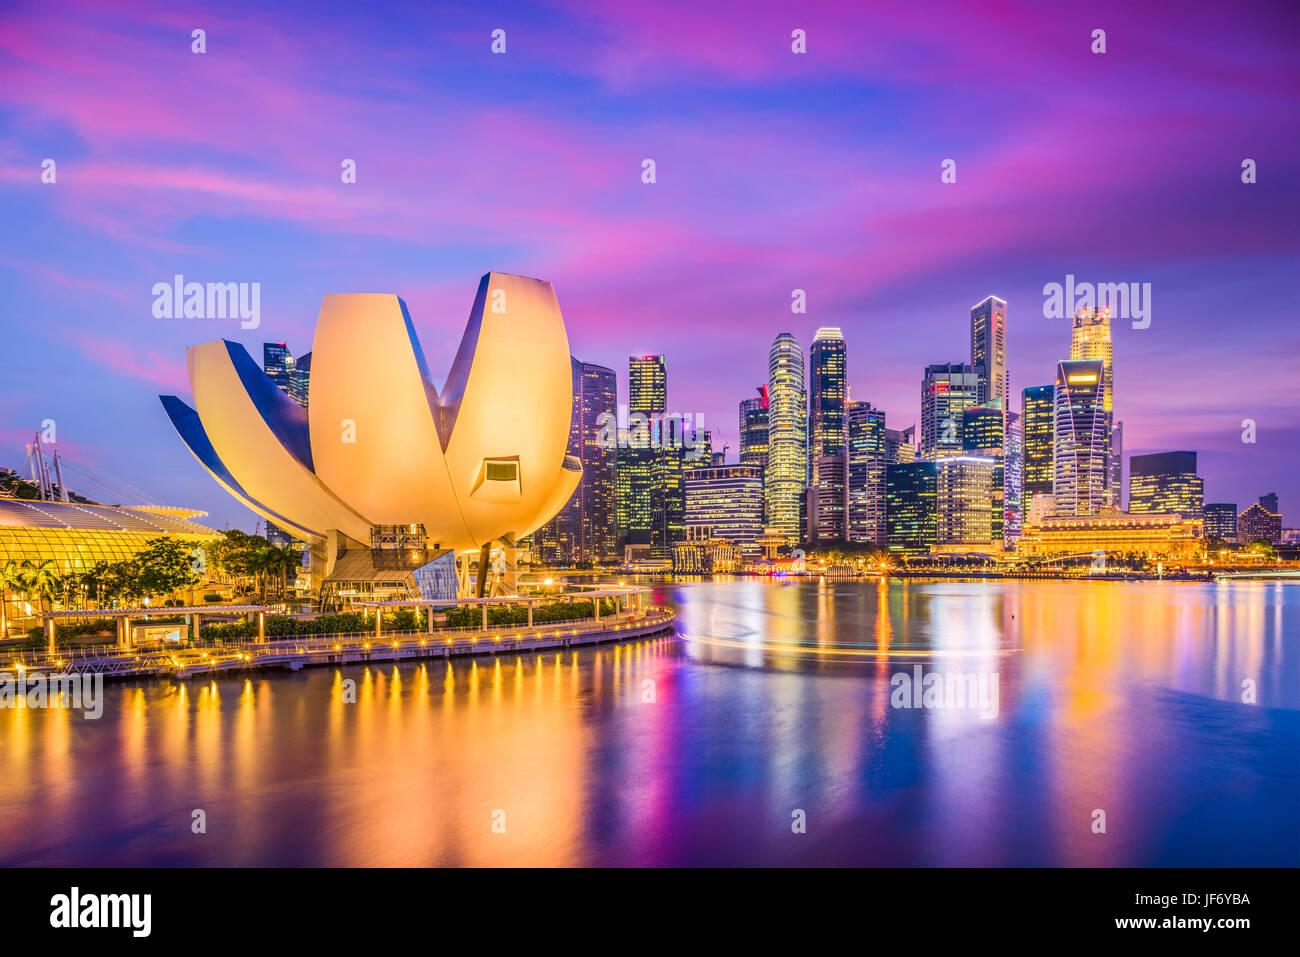 El horizonte de la ciudad de Singapur en la marina. Imagen De Stock